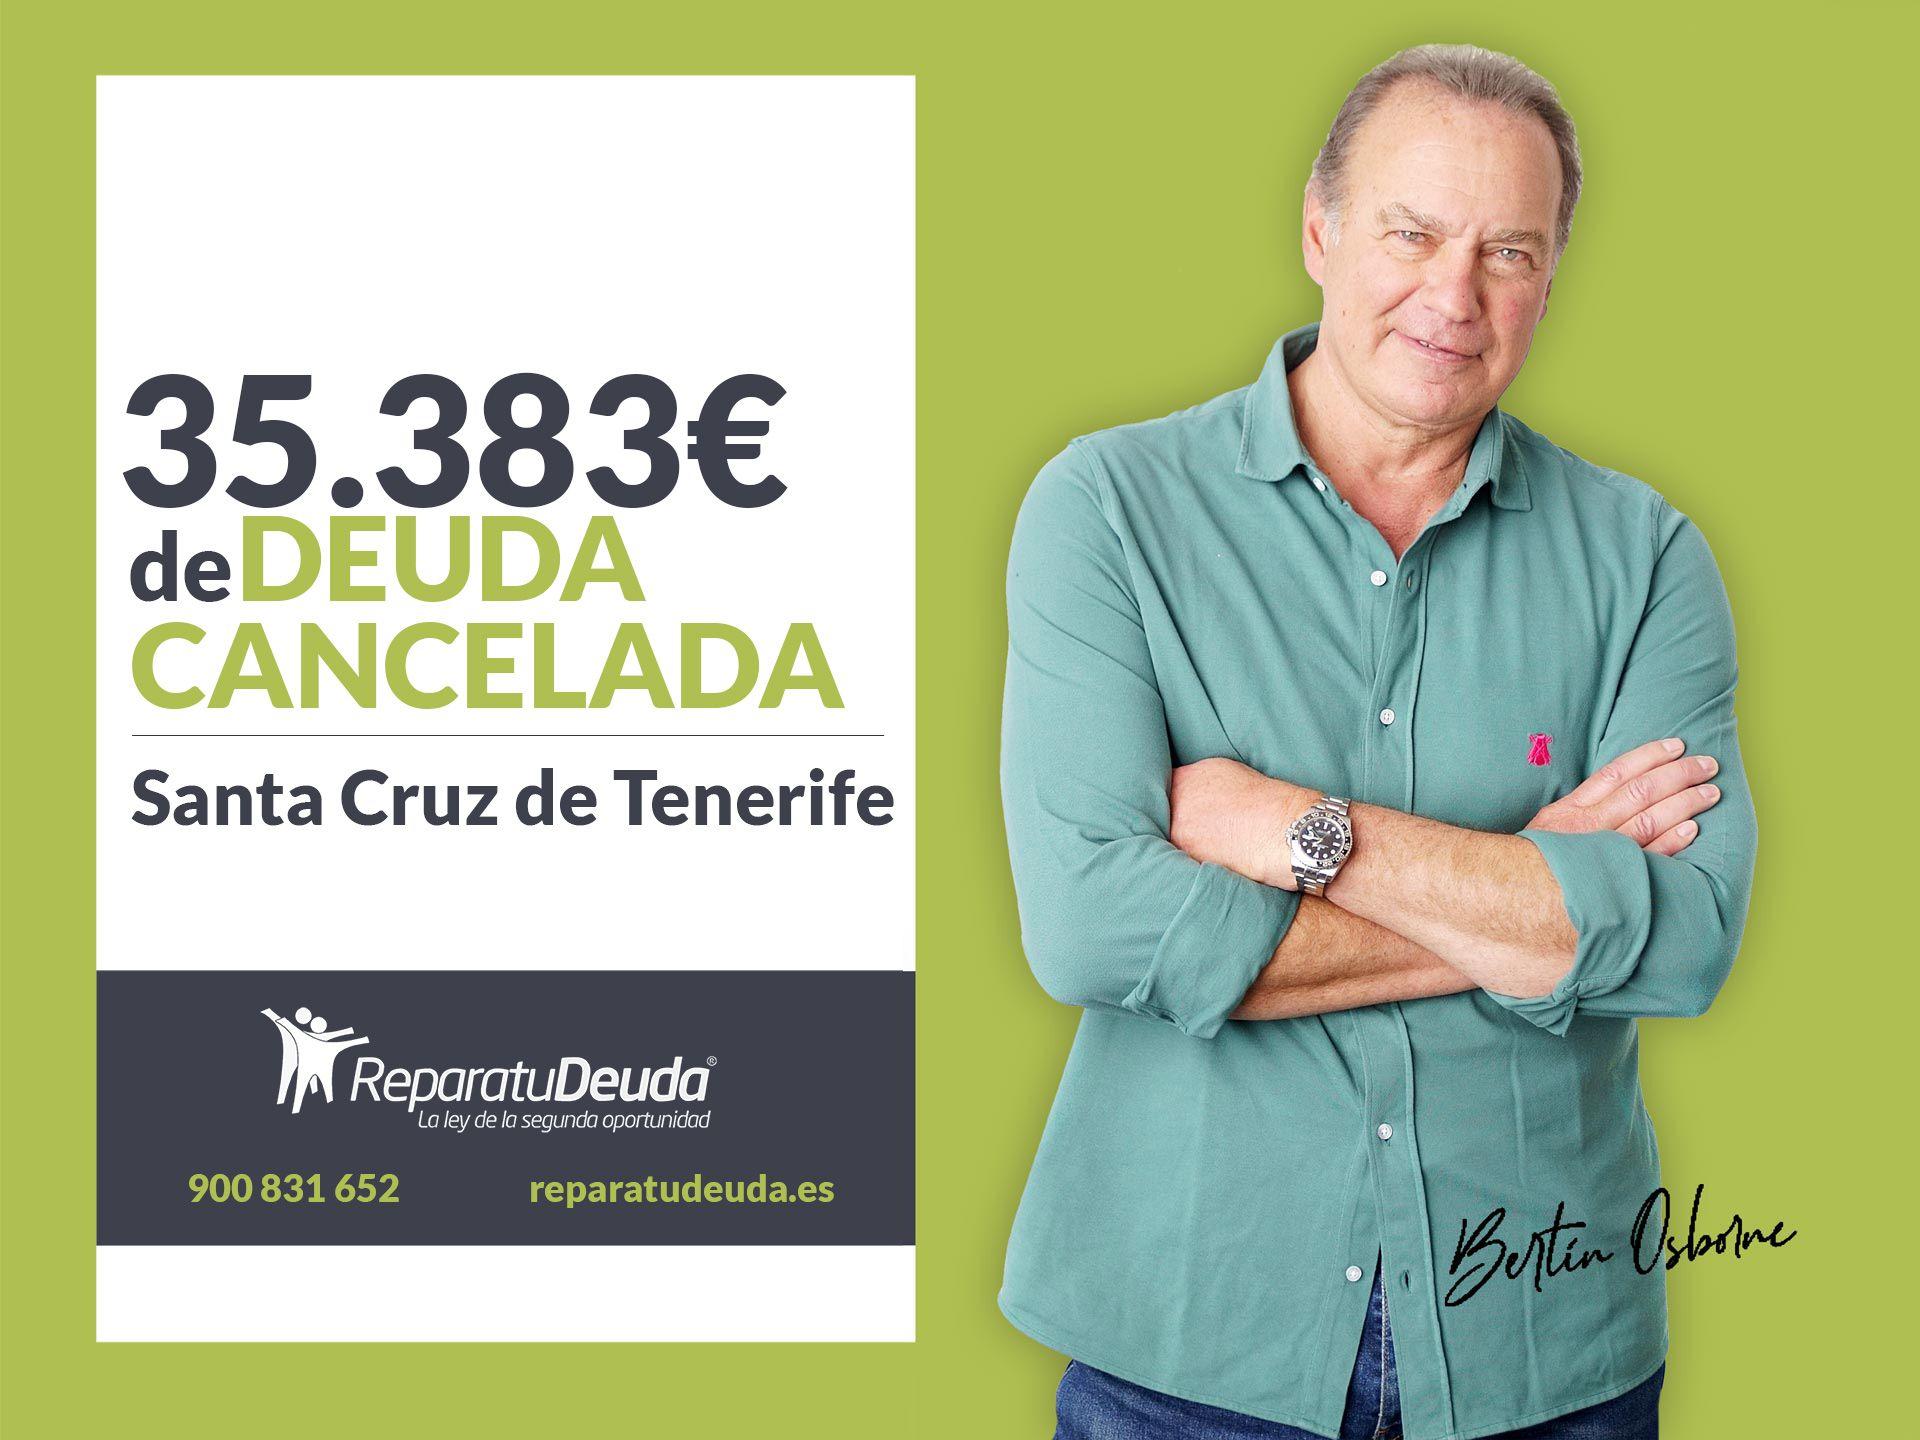 Repara tu Deuda cancela 35.383 ? en Santa Cruz de Tenerife (Canarias) con la Ley de la Segunda Oportunidad